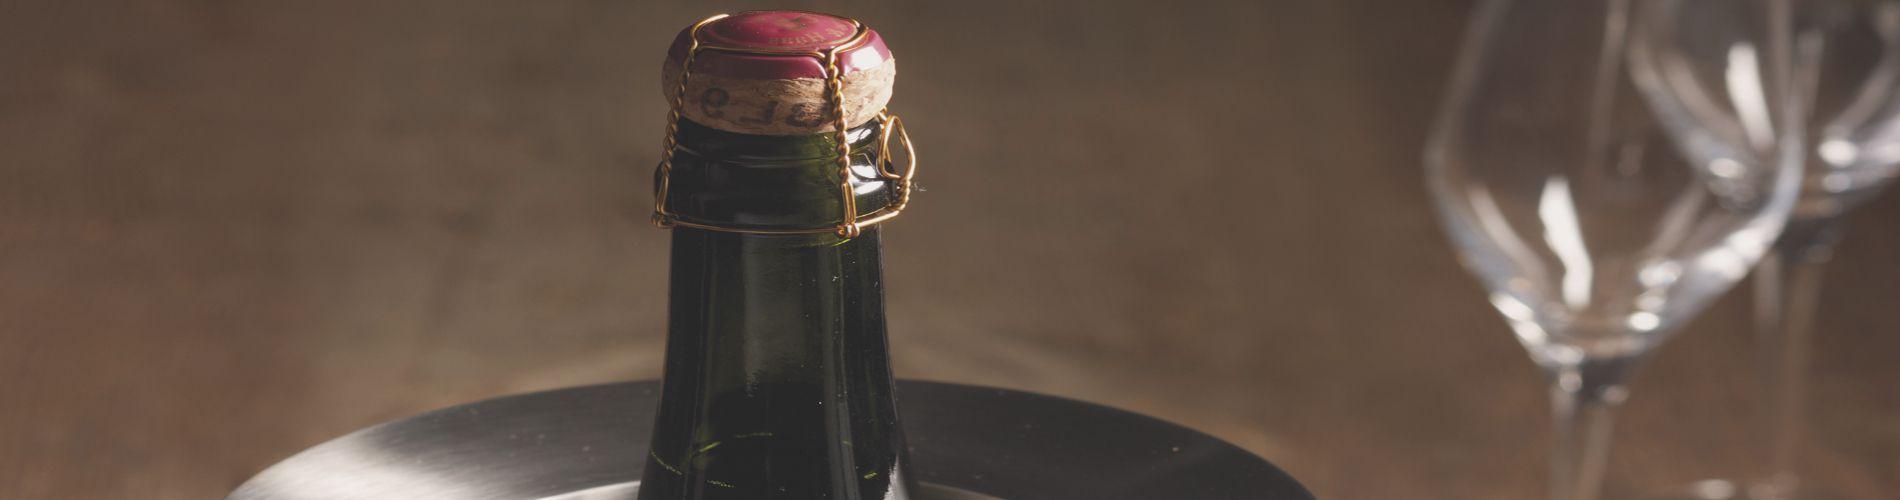 Themenwelt Bar & Wein